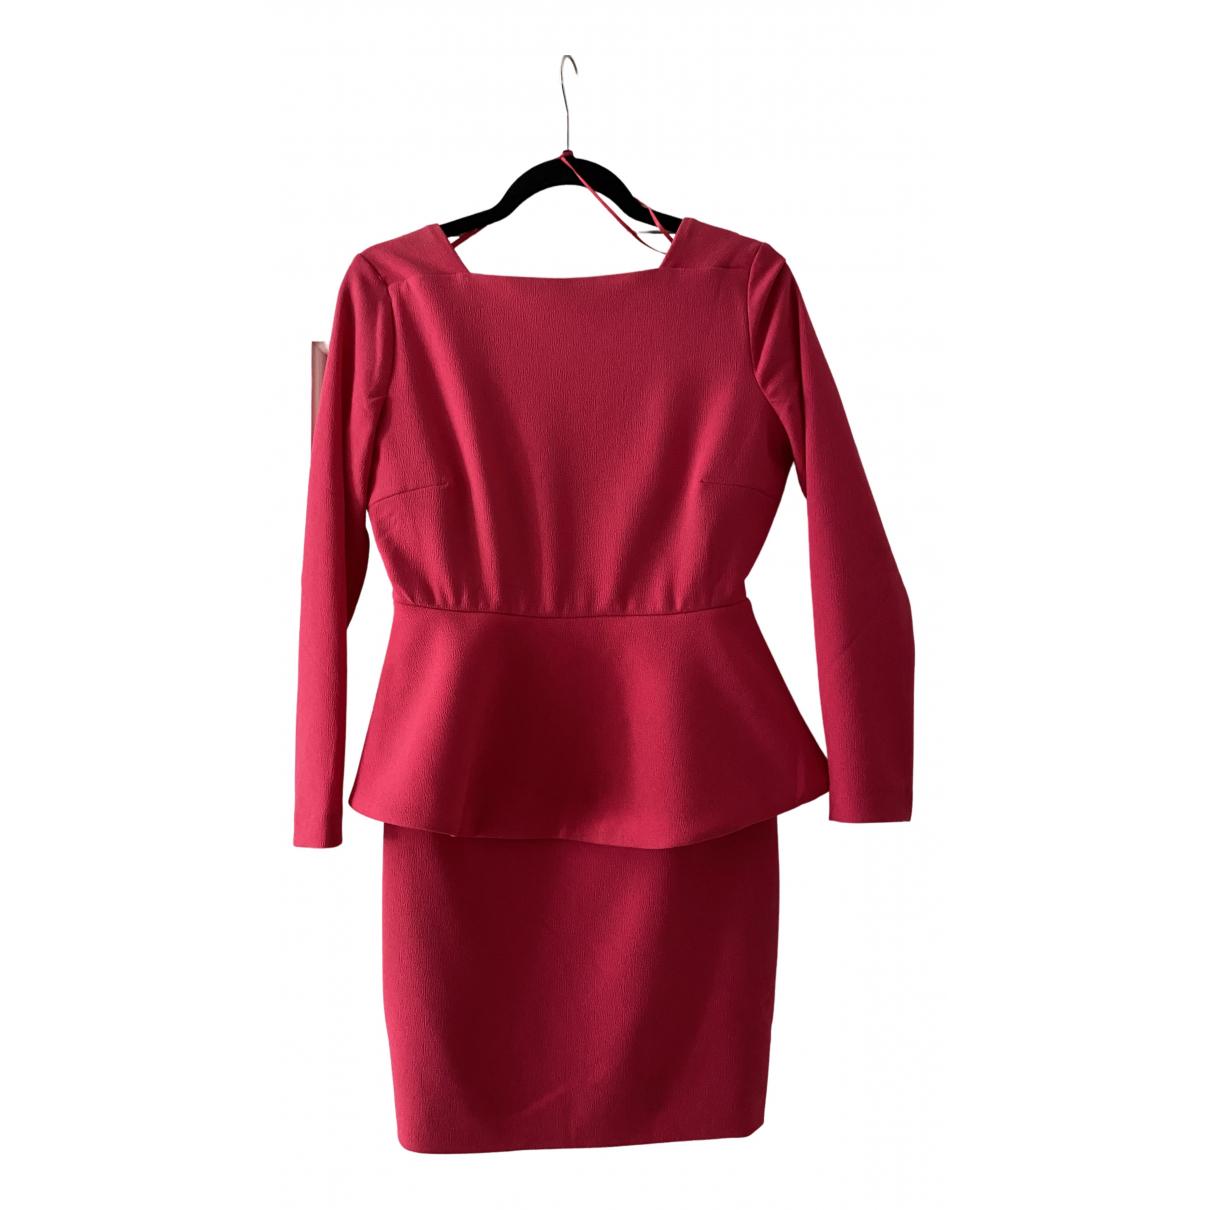 Aqaq \N Kleid in  Rosa Polyester